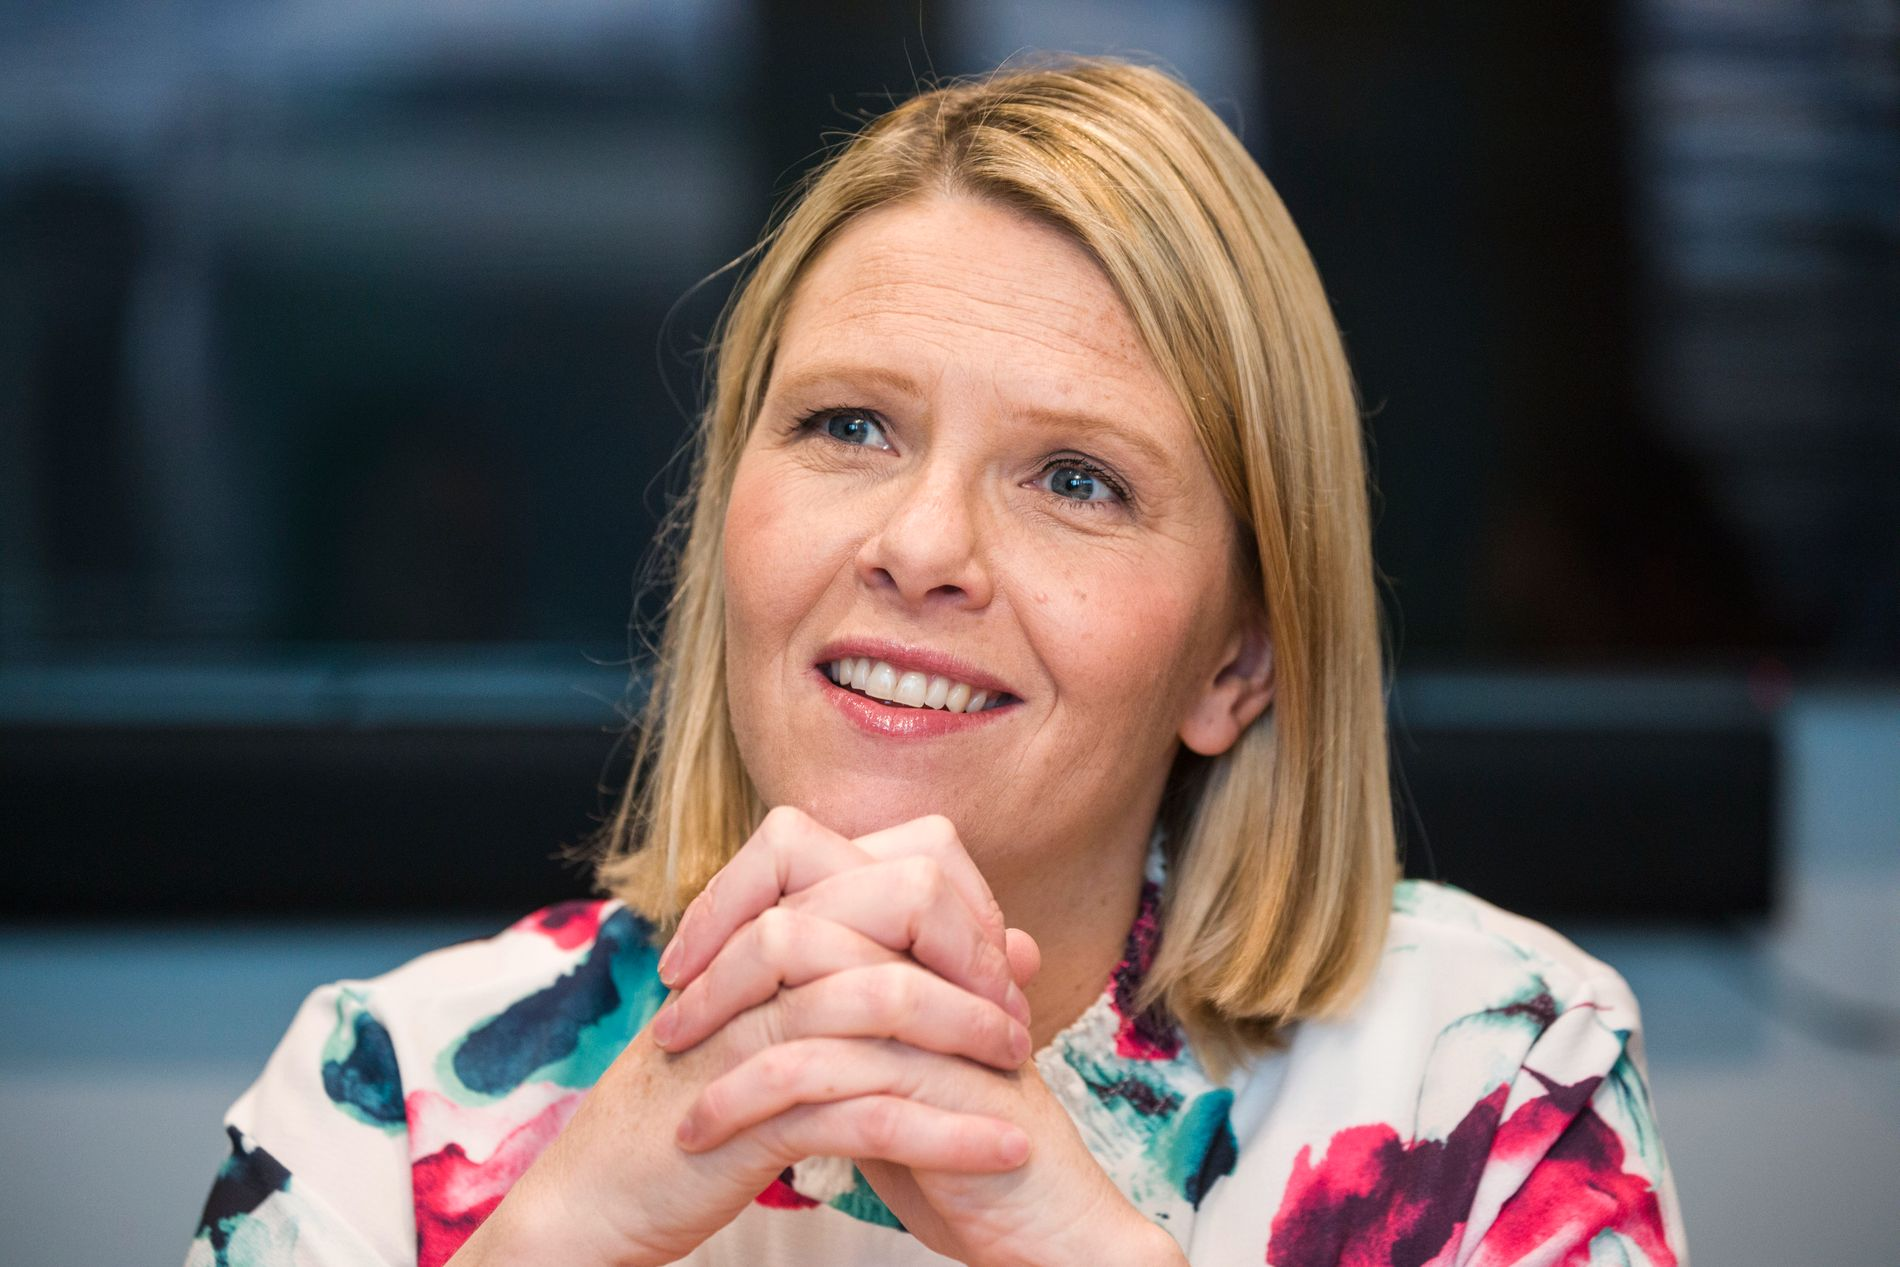 VIL UTFORDRE: Justisminister Sylvi Listhaug (Frp) vil utfordre Ap i fremmedkrigersaken.